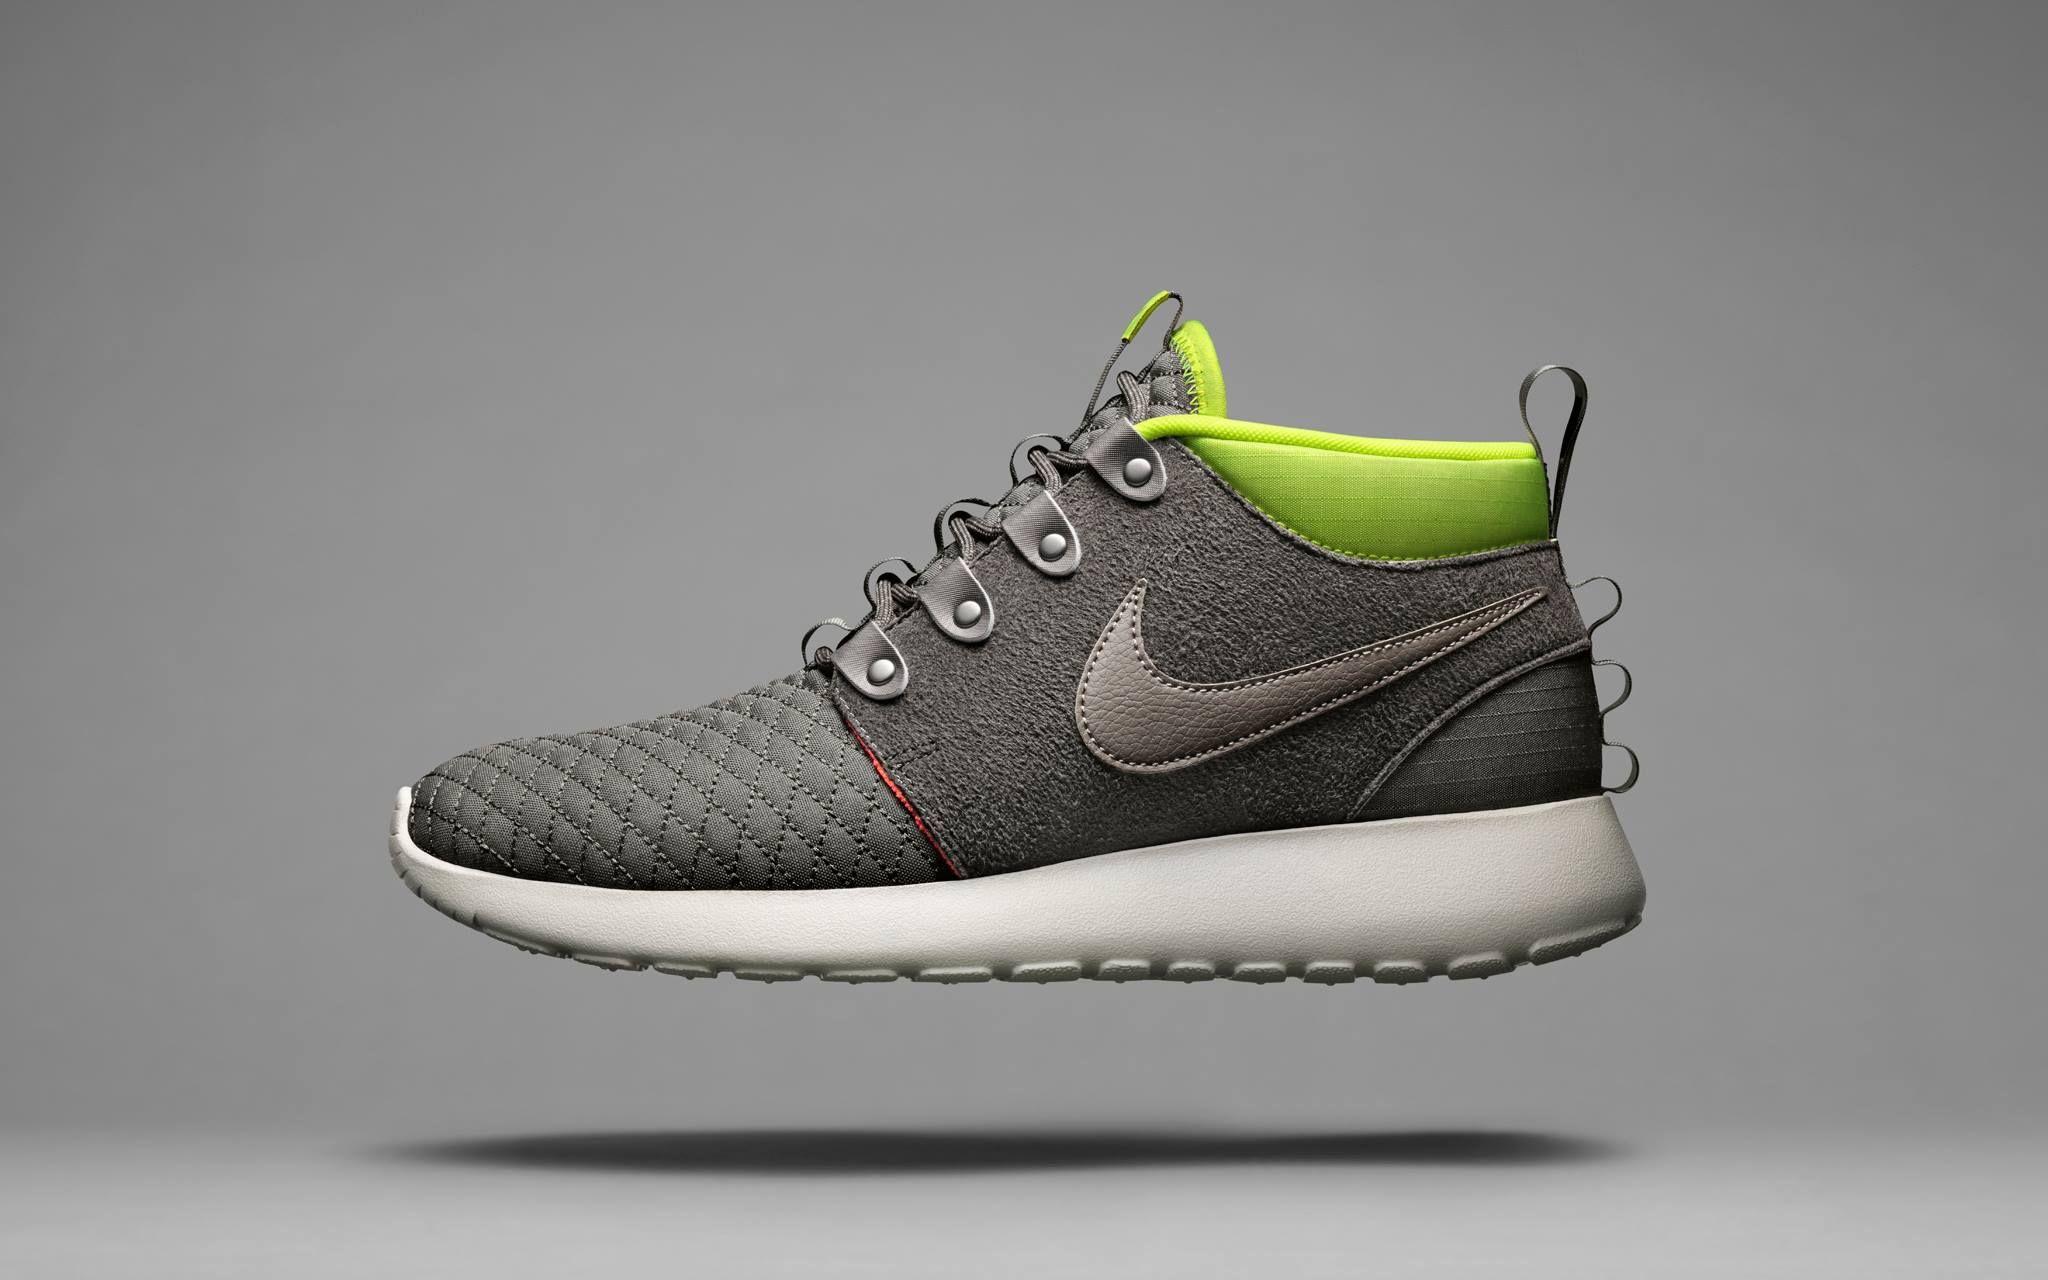 Nike Démarrage Roshe Baskets Run Qs Frappe Rapide Fc